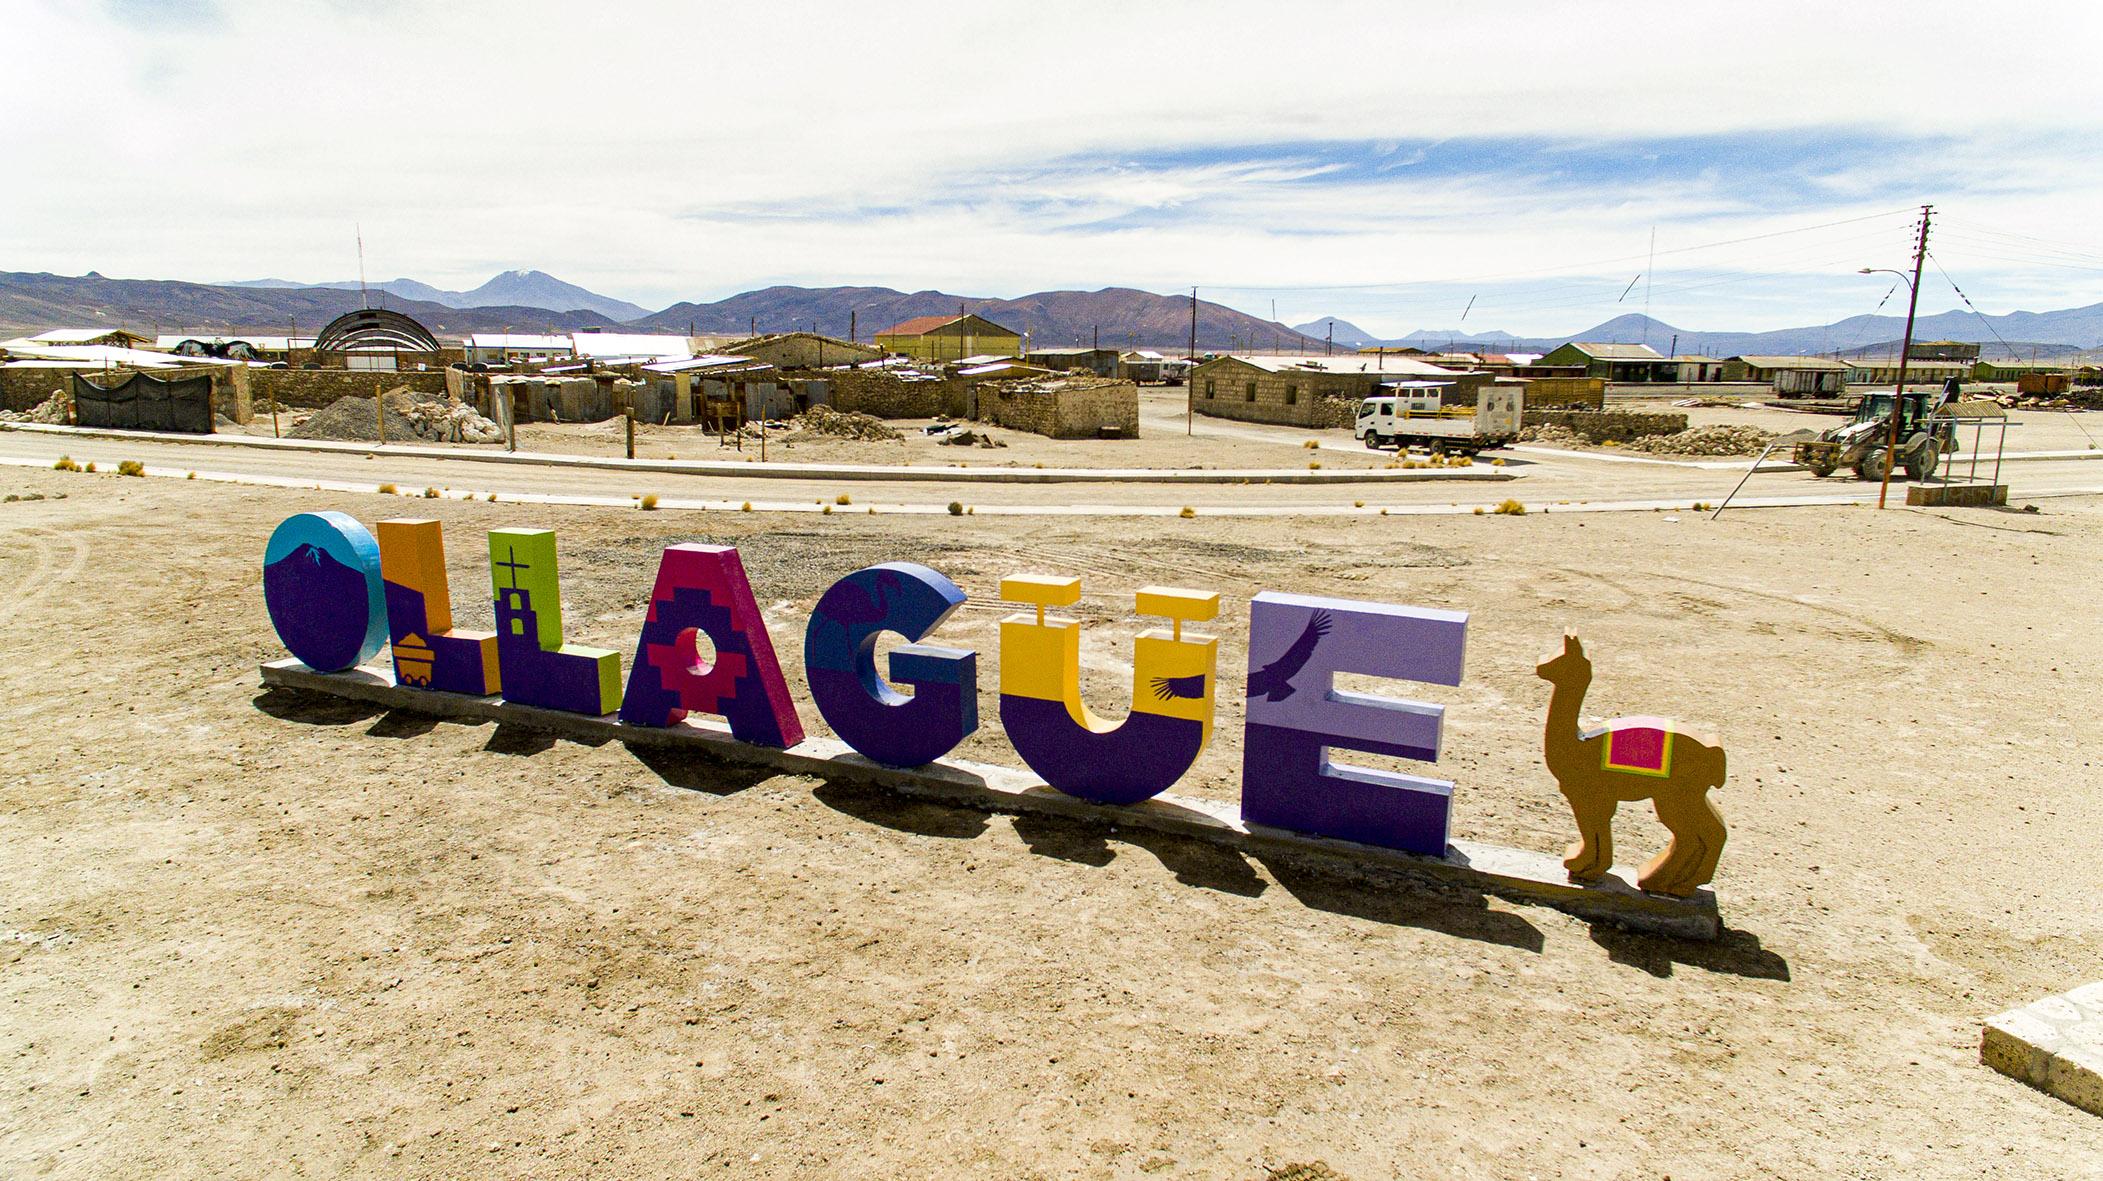 Comuna fronteriza de Ollagüe da la bienvenida a sus visitantes   luciendo coloridas letras volumétricas